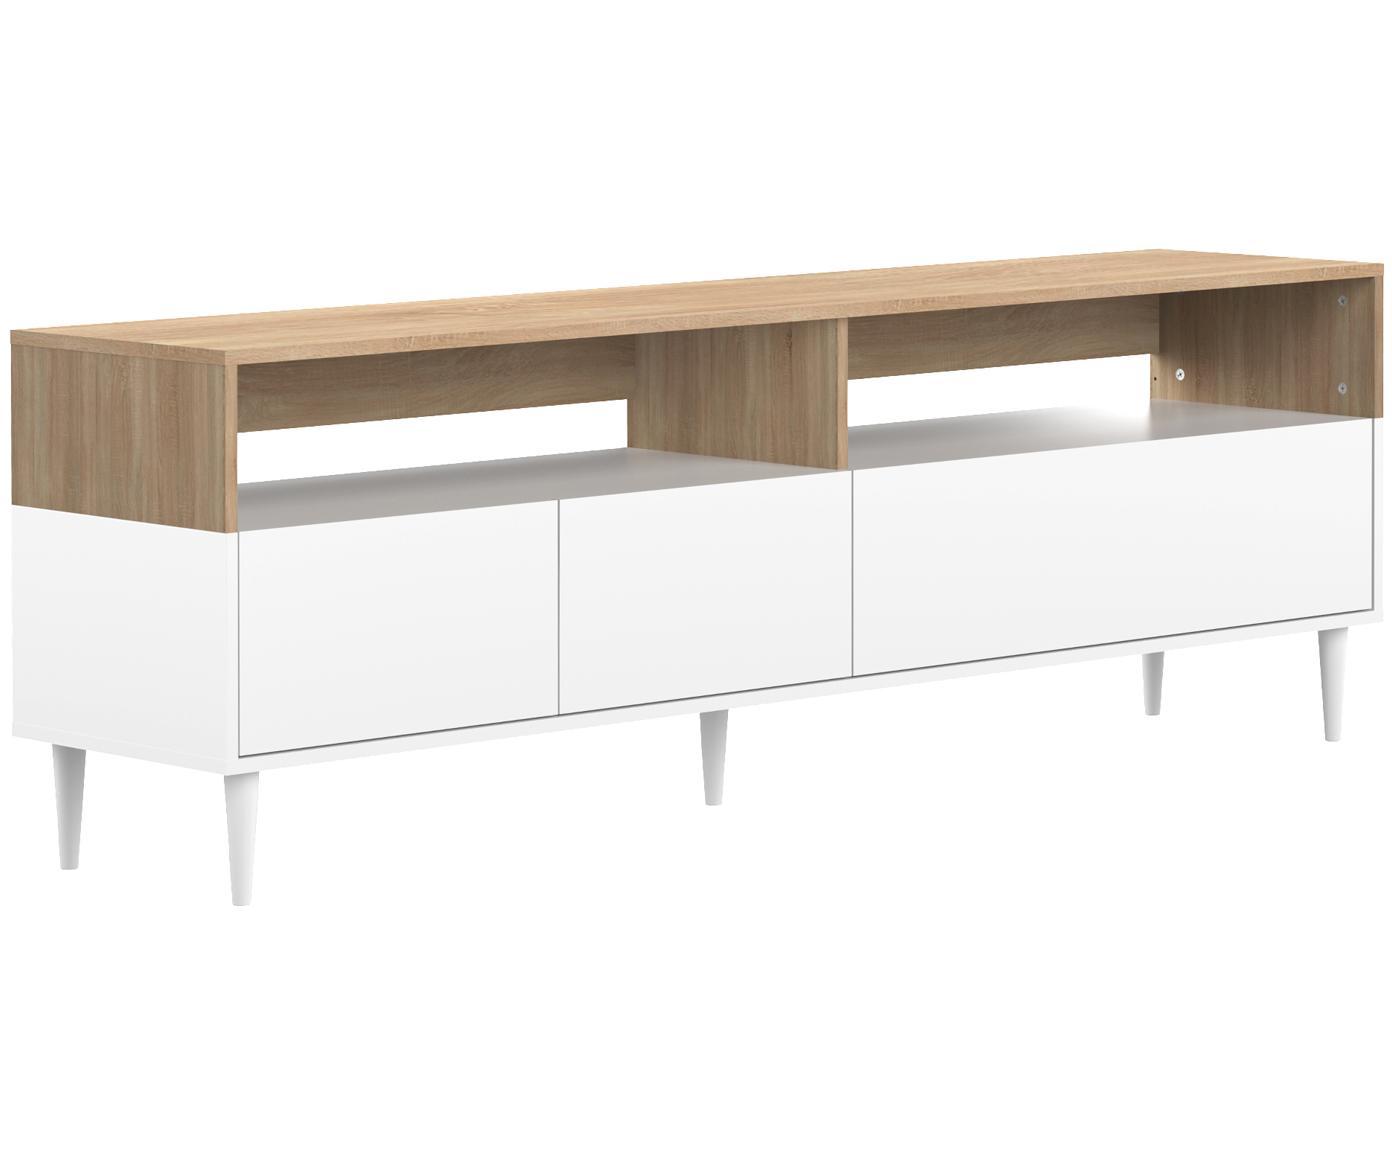 Mueble TV Horizon, estilo escandinavo, Estructura: aglomerado, recubierto de, Patas: madera de haya maciza, pi, Roble, blanco, An 180 x Al 61 cm